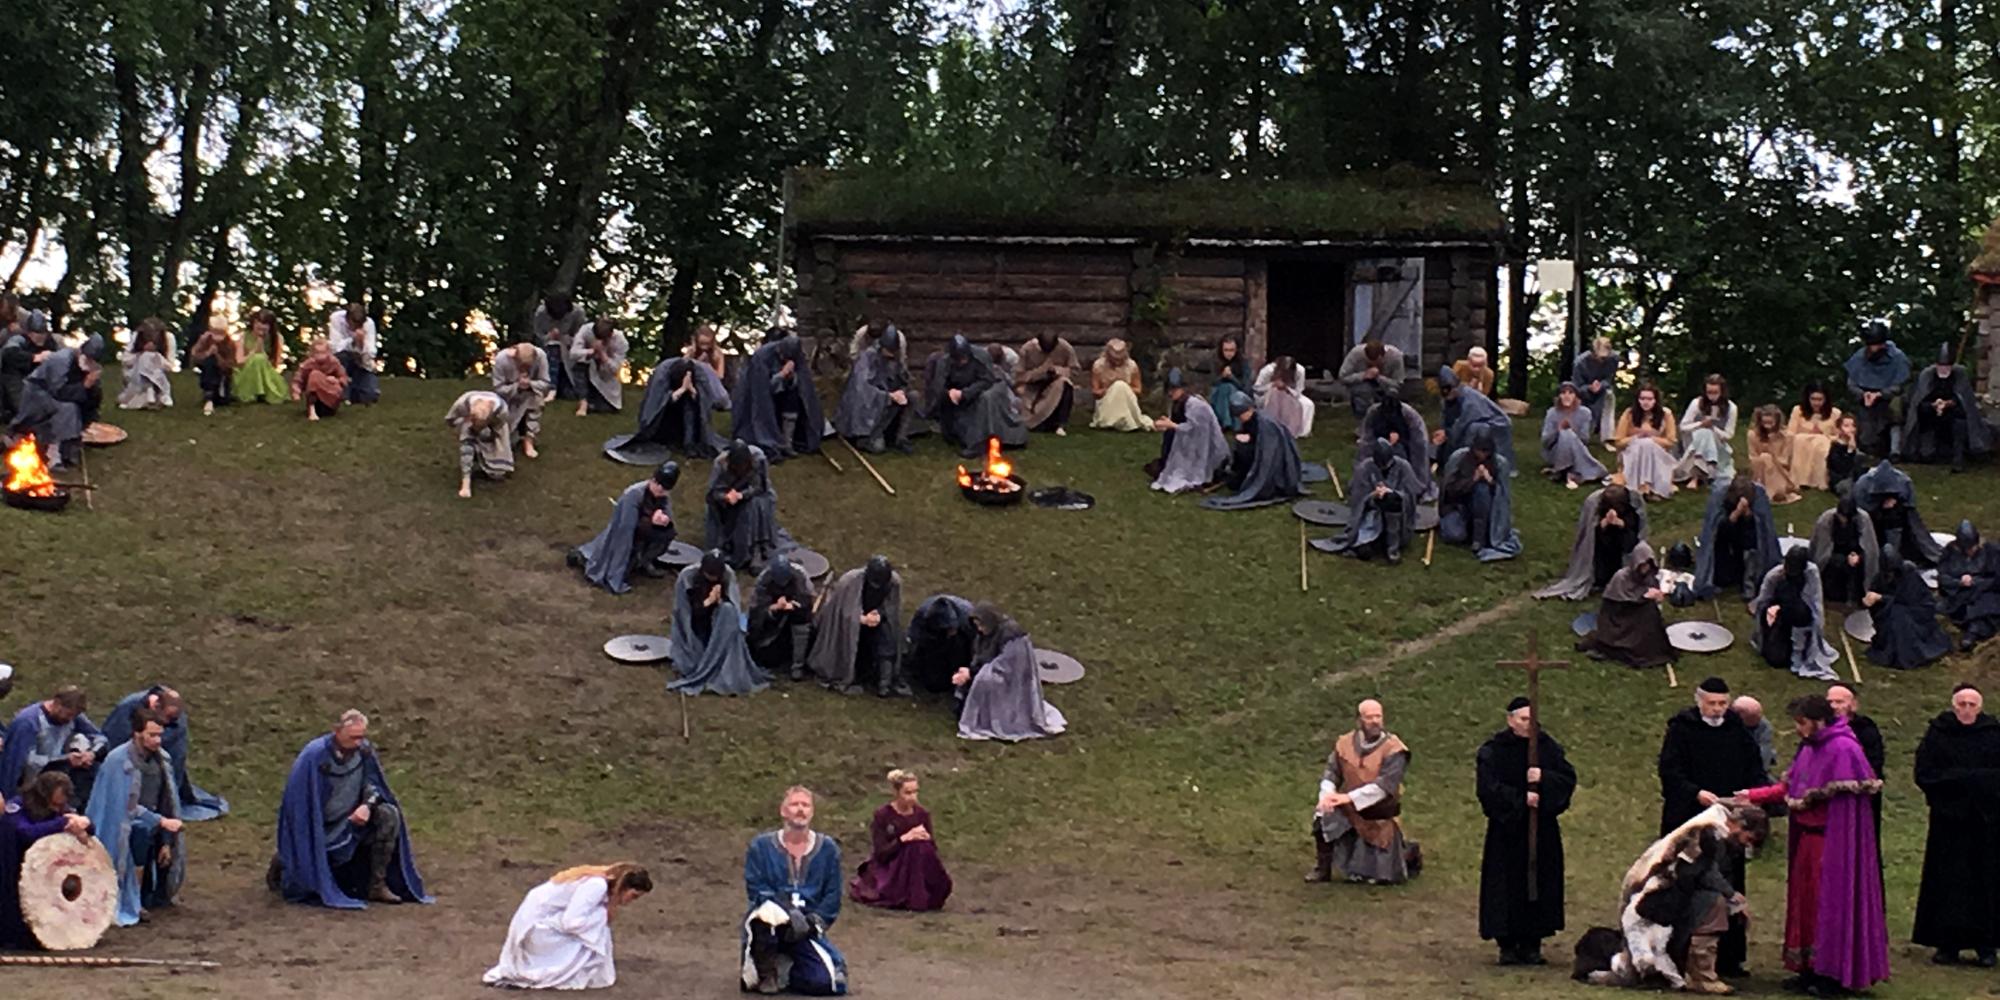 Scene fra Spelet om Heilag Olav 2016, som spilles 4 ganger hvert år under Olsokfestivalen på Stiklestad. Copyright: Visit Innnherred